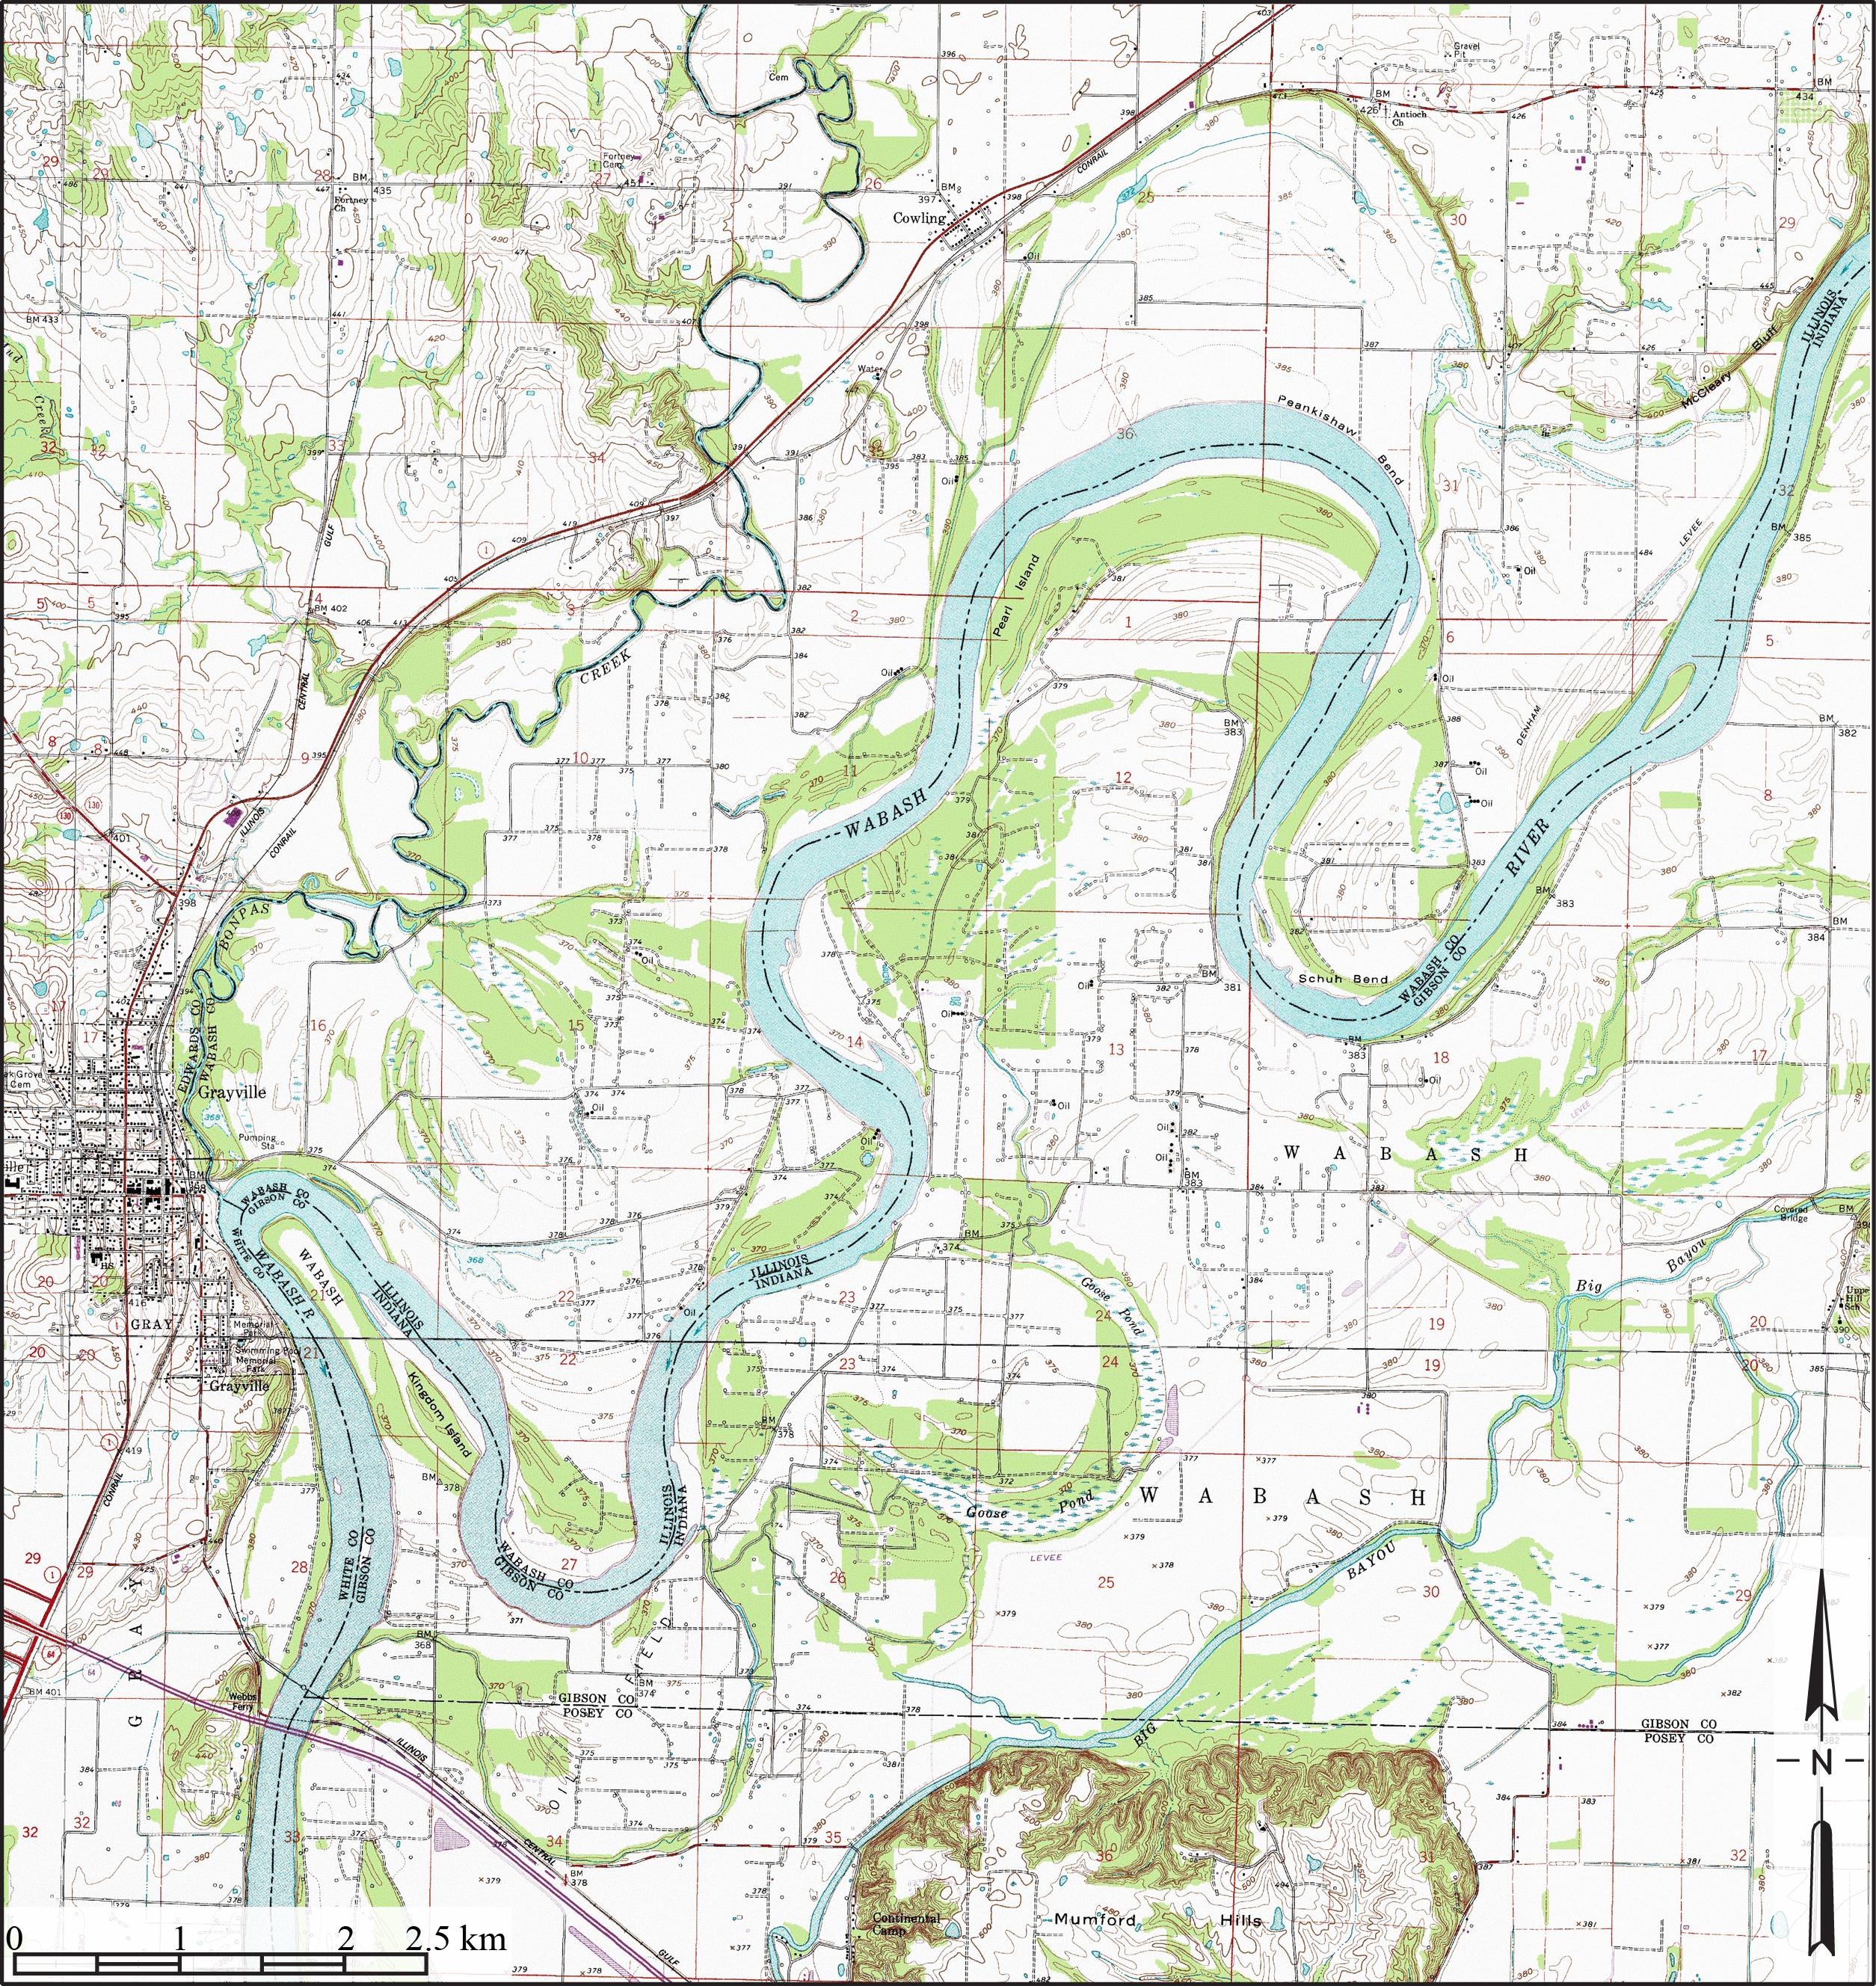 Indiana lake county highland -  Highland Lake County Indiana Wikipedia Lake County Illinois Wikipedia